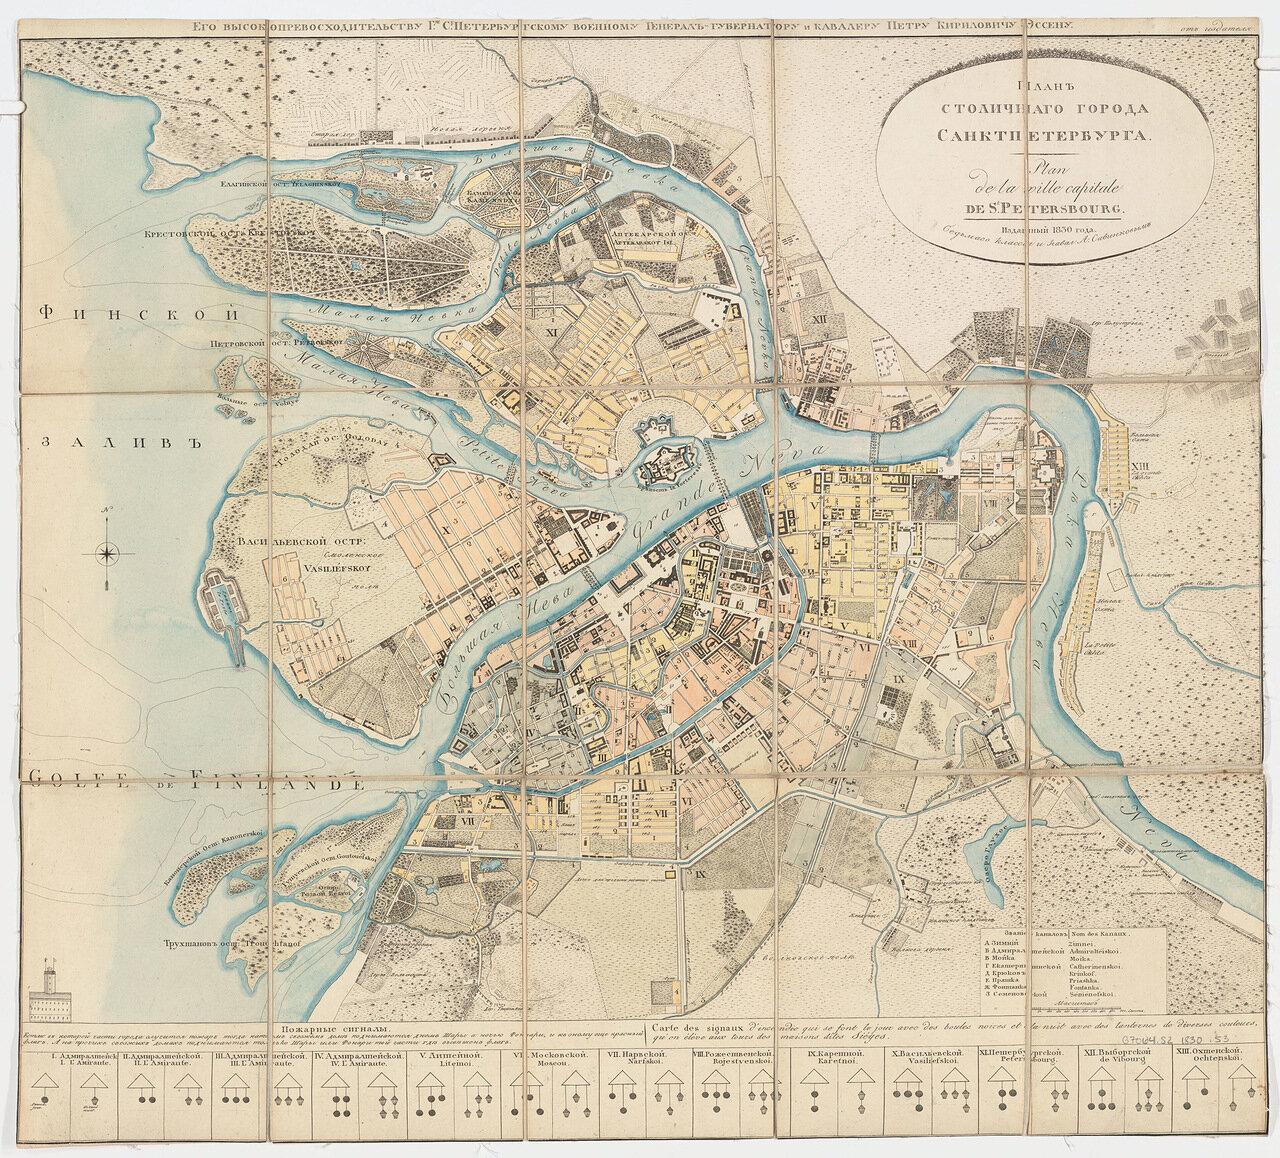 1830. План столичного города Санкт-Петербурга